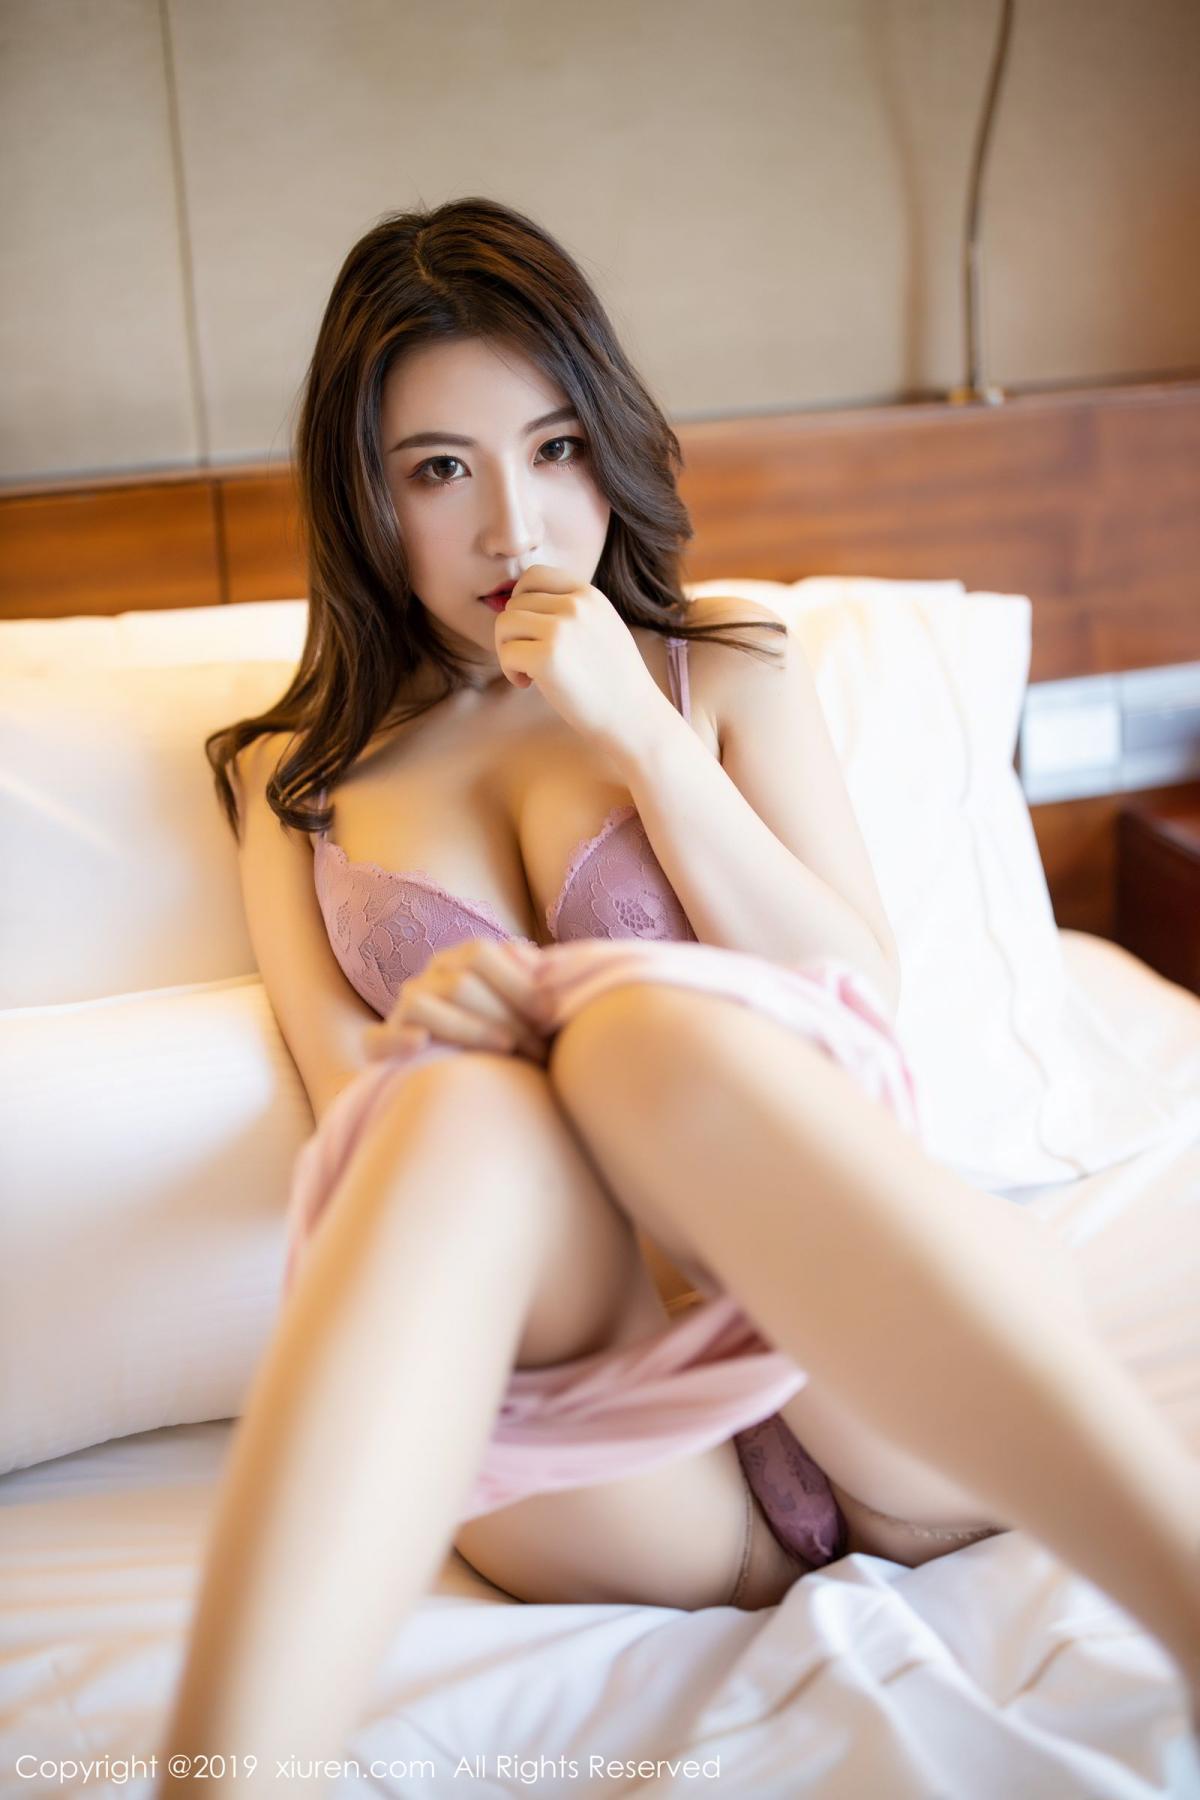 [XiaoYu] Vol.1697 Xie Zhi Xin 38P, Home, Sexy, XiaoYu, Xie Zhi Xin